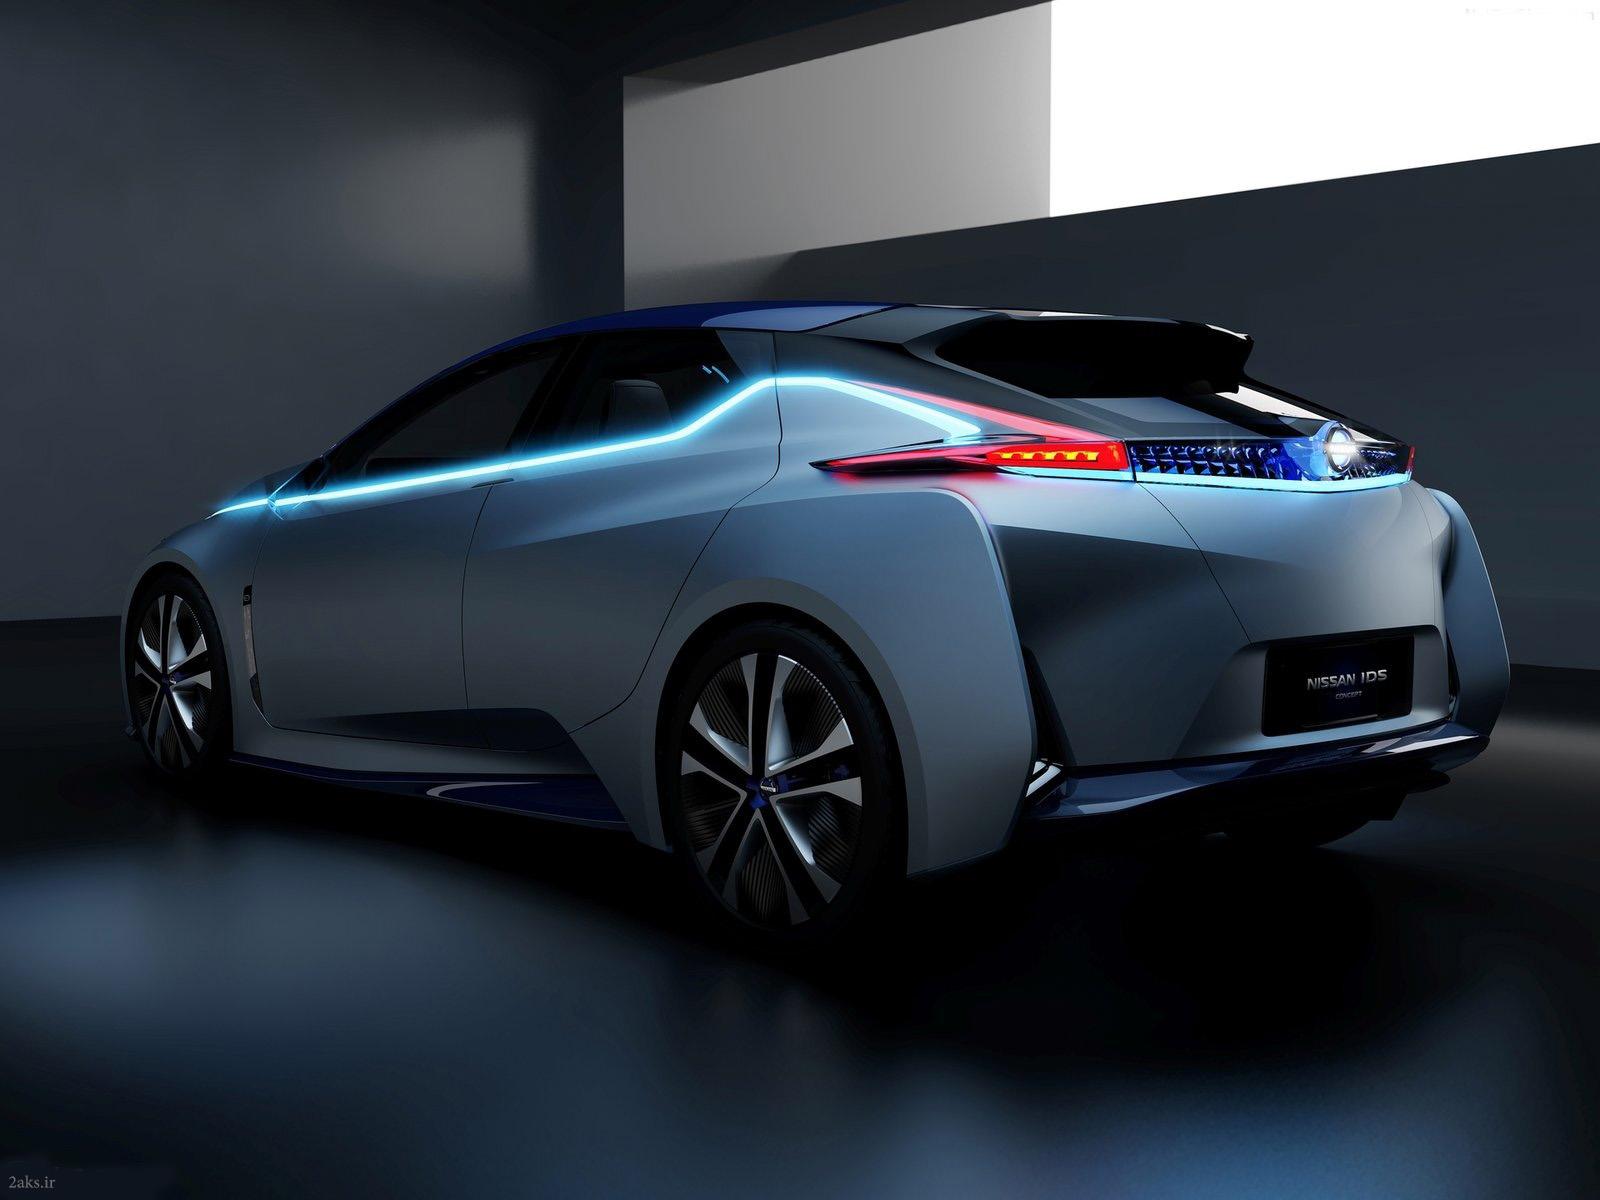 دانلود عکس اتومبیل IDS Concept